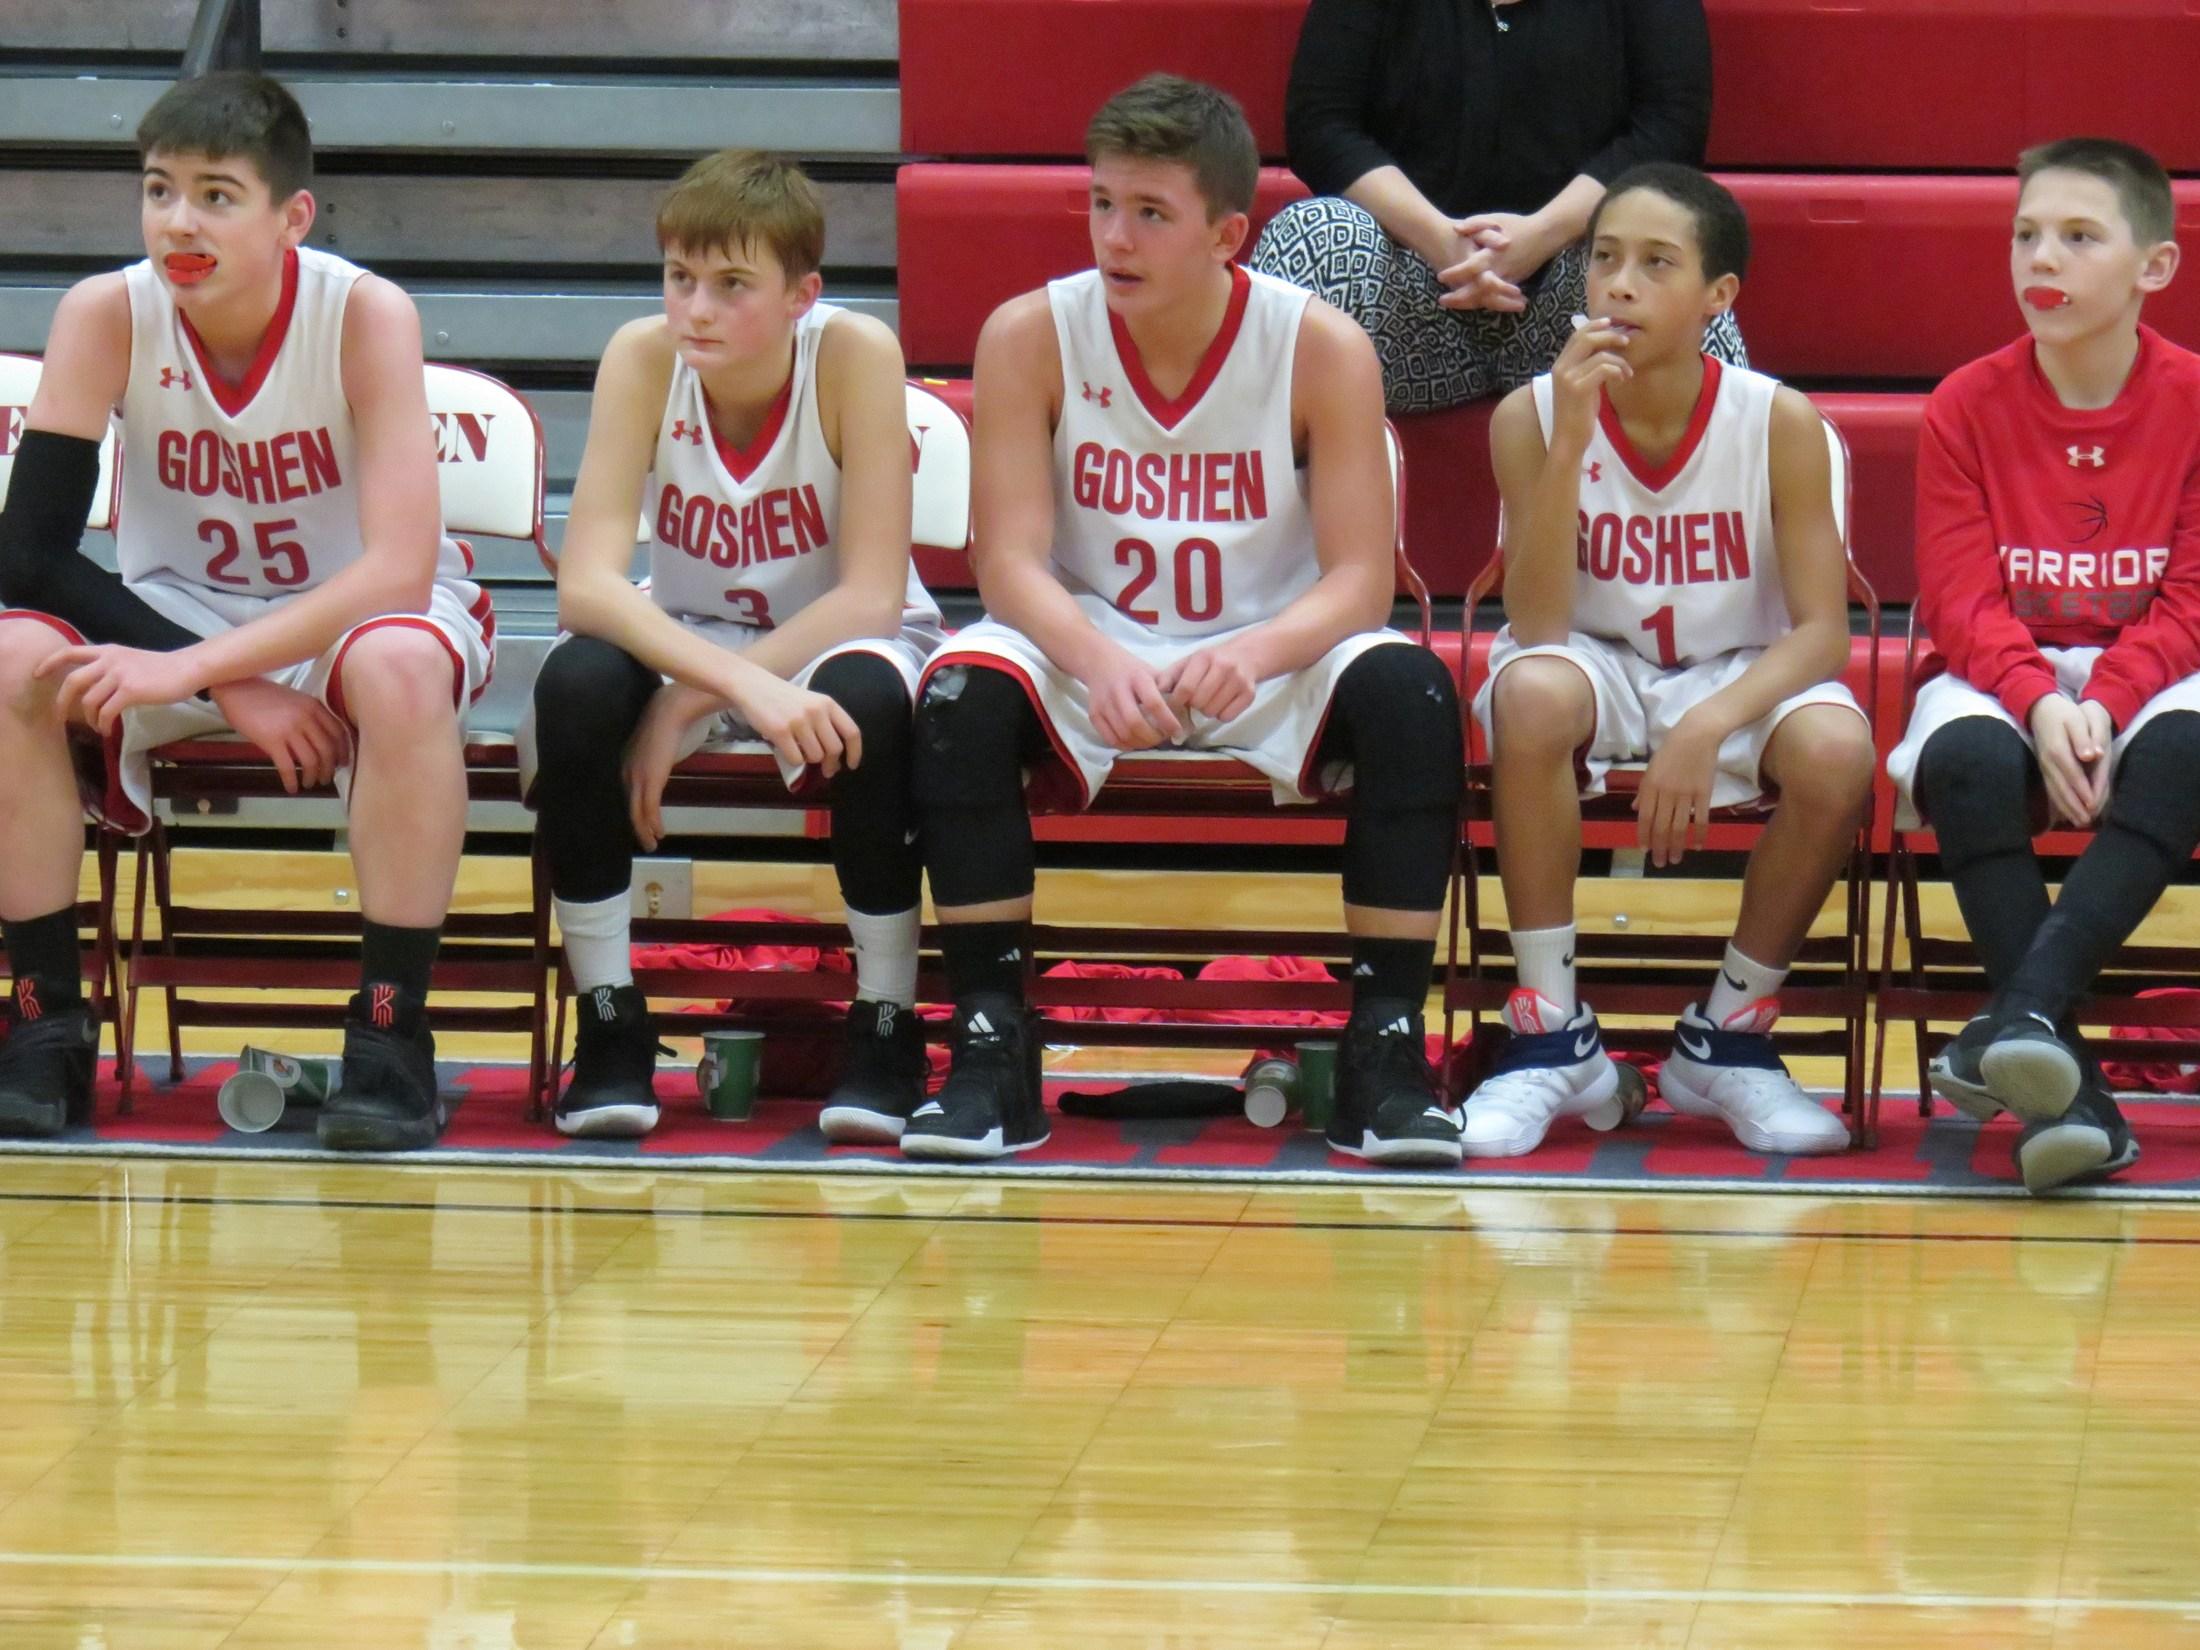 7th grade boys team